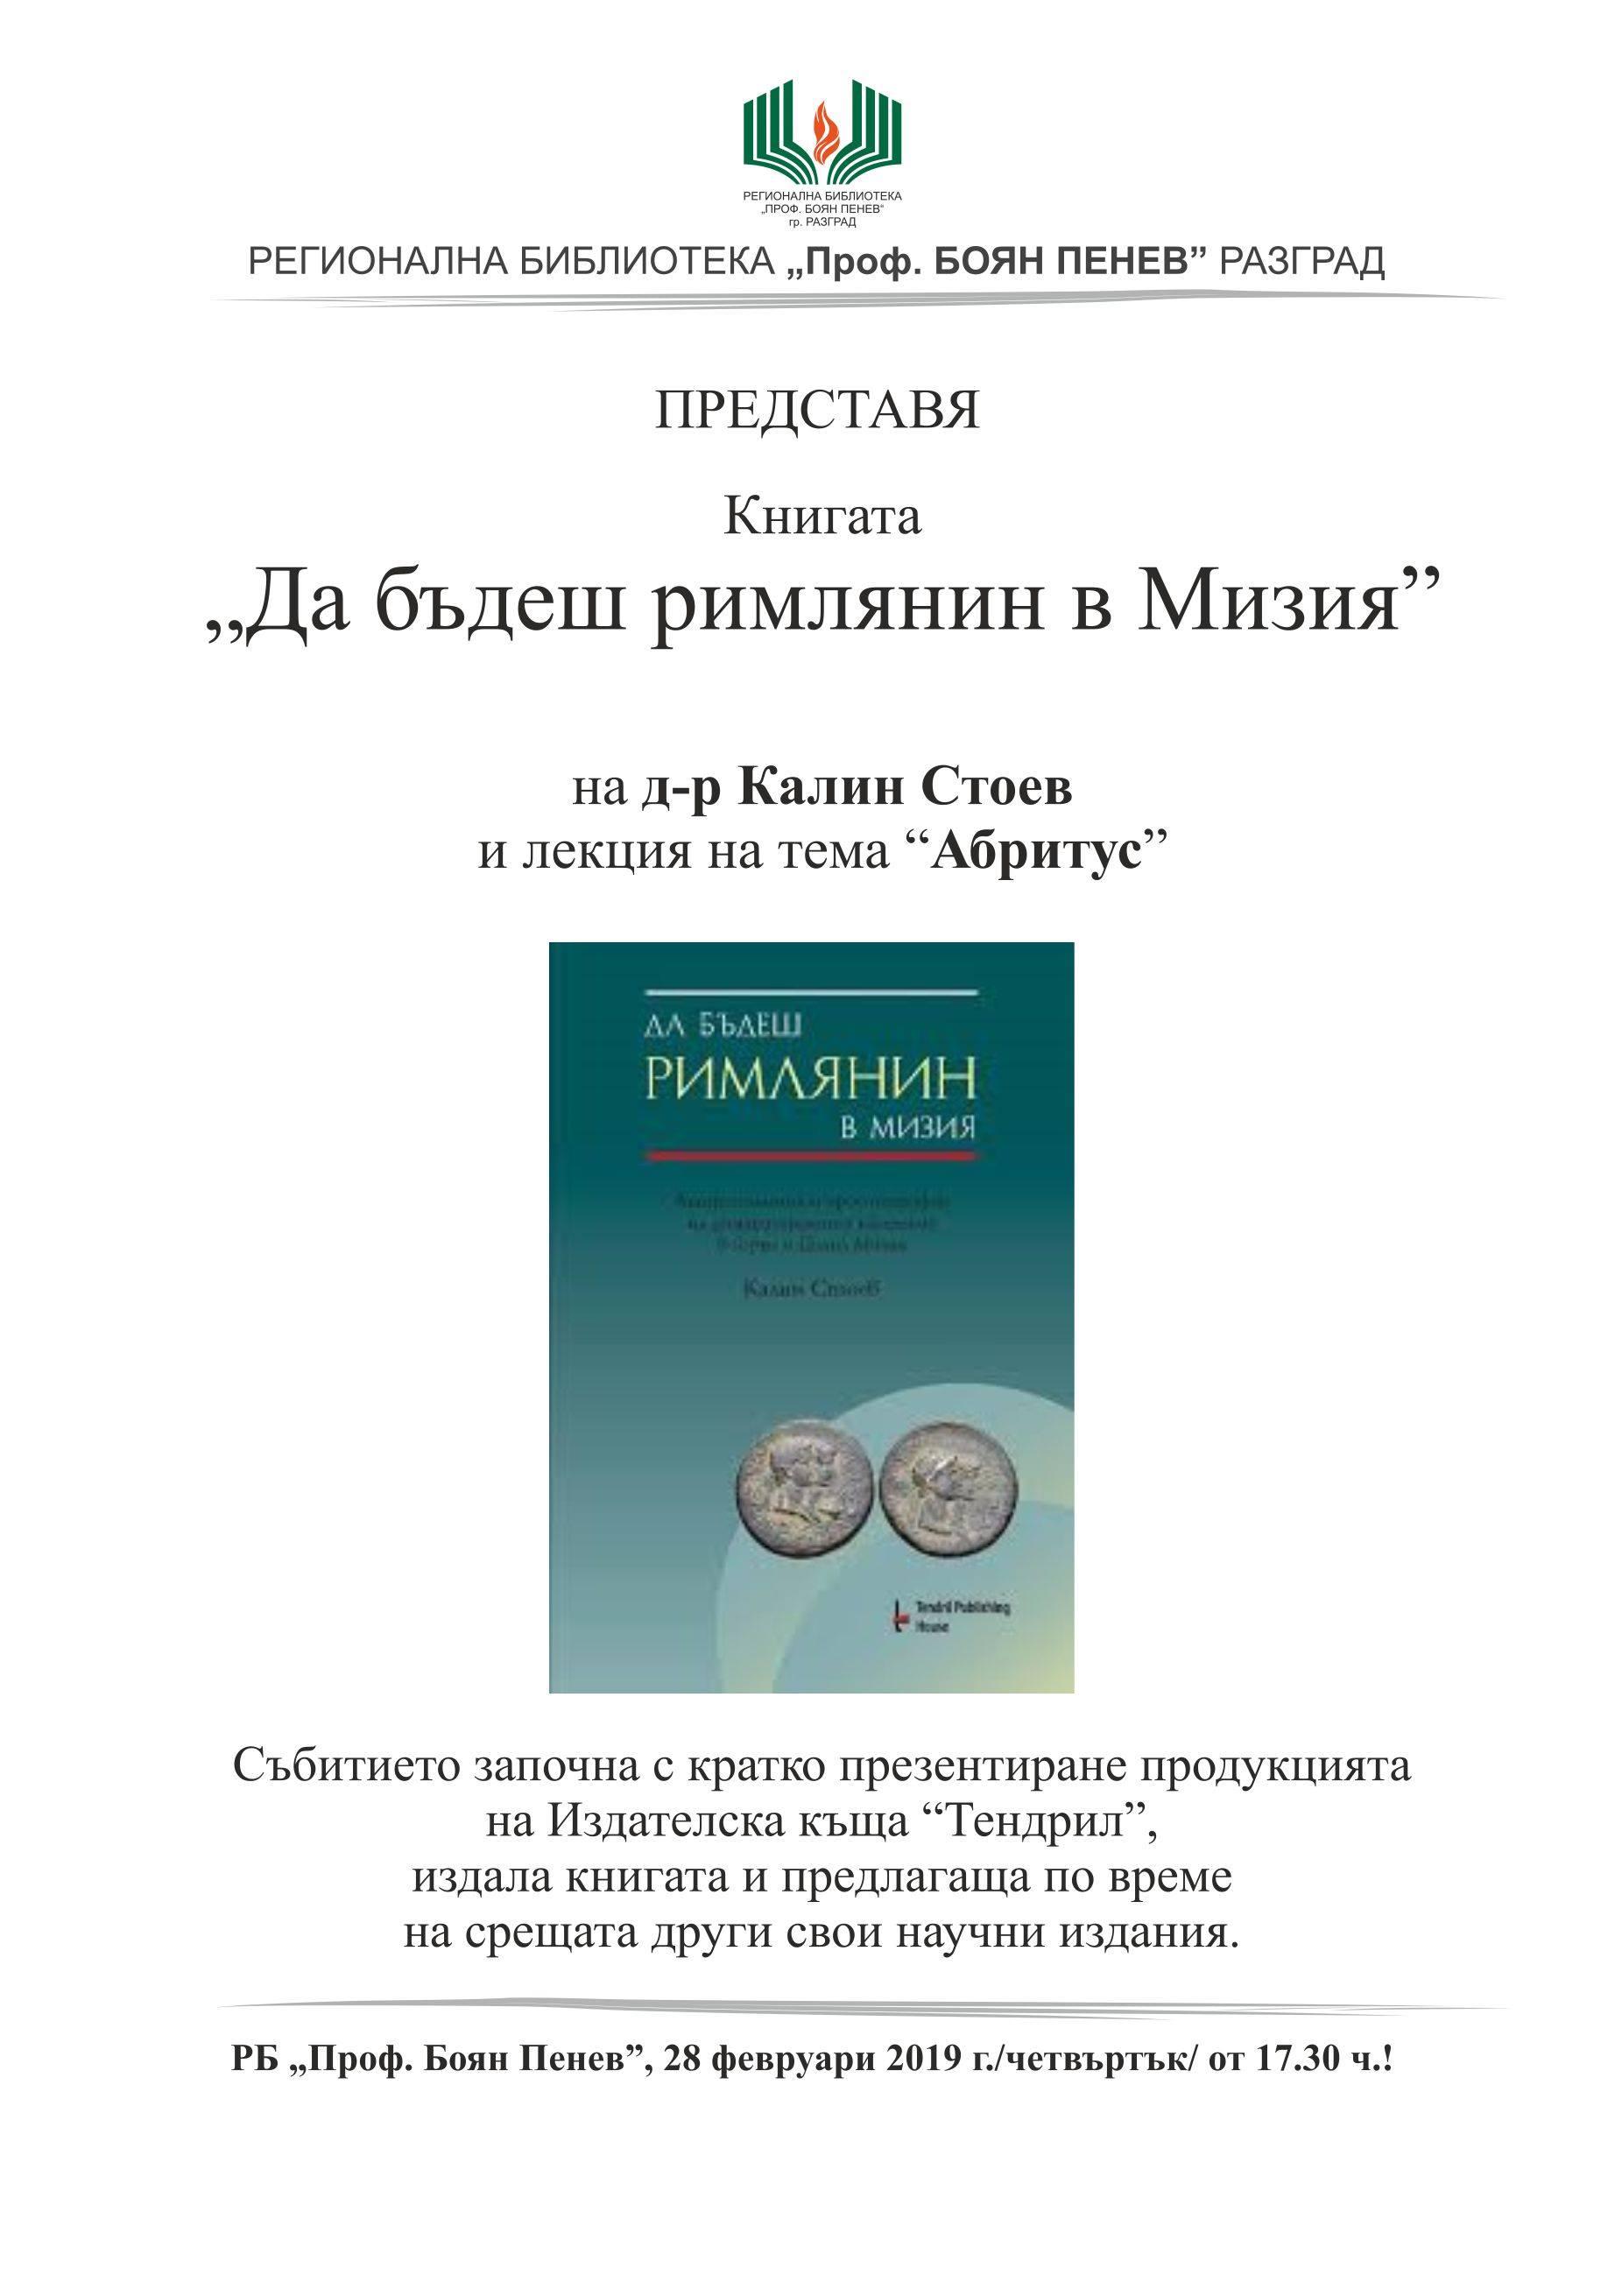 Представят нова книга и изнасят лекция в четвъртък в Р� ...